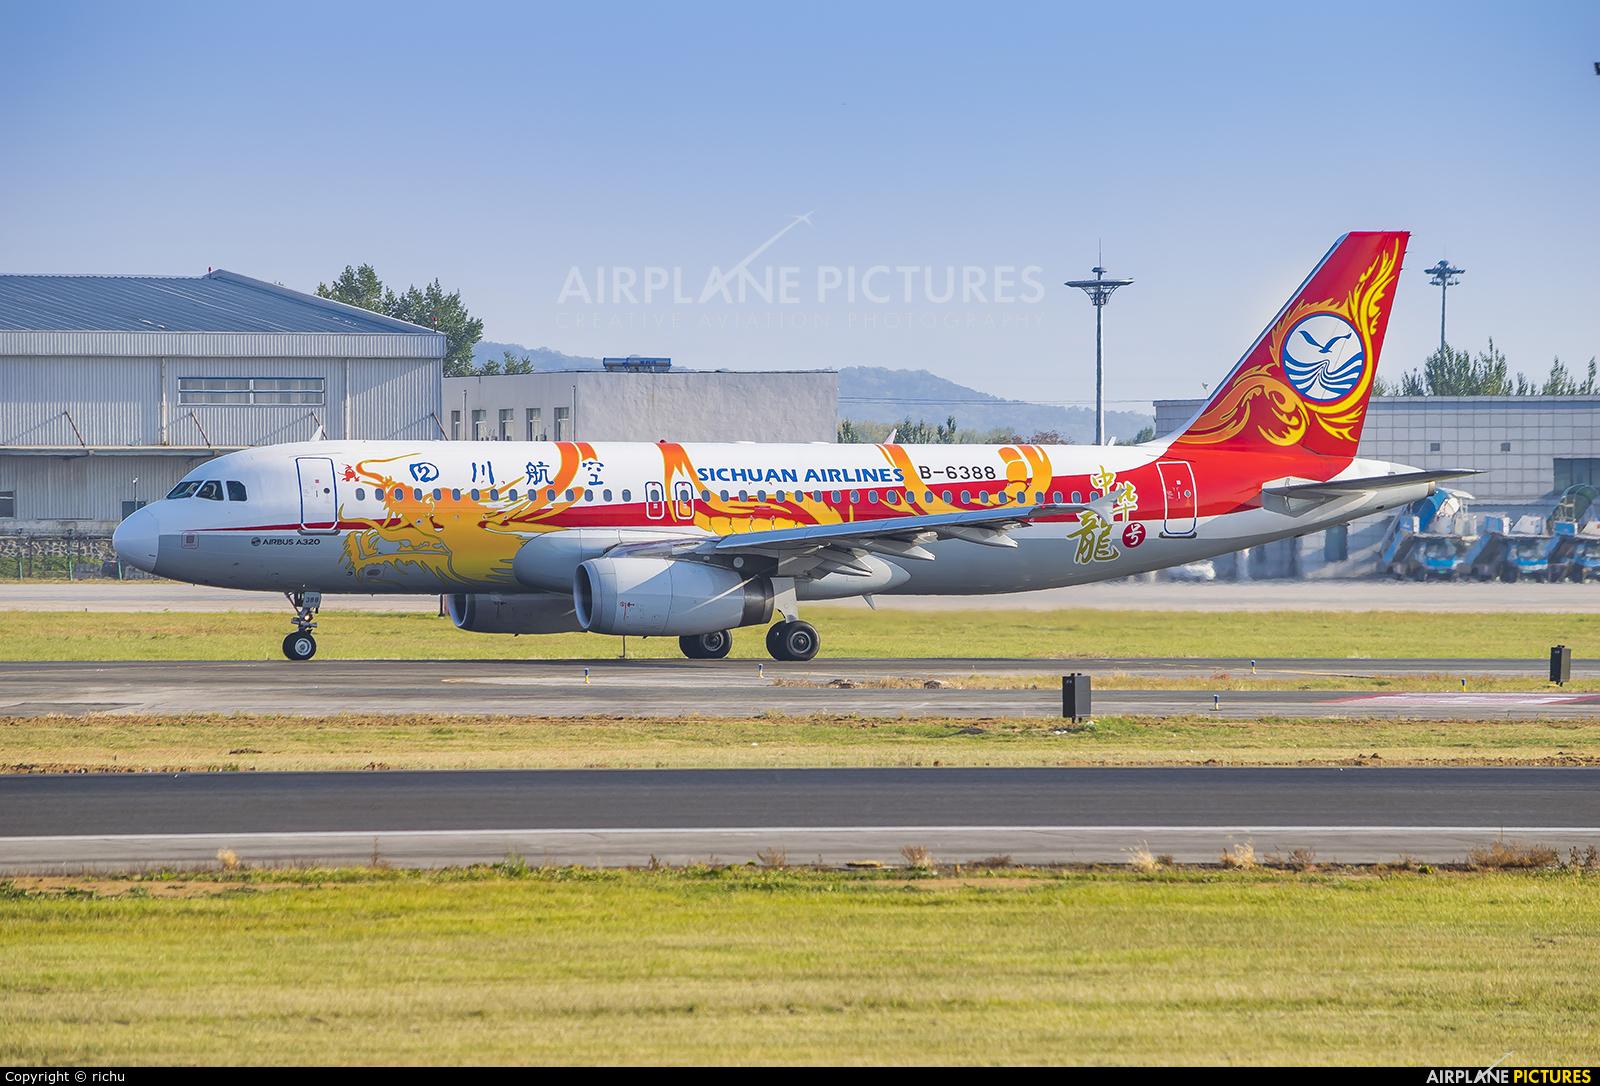 Sichuan Airlines  B-6388 aircraft at Shenyang-Taoxian